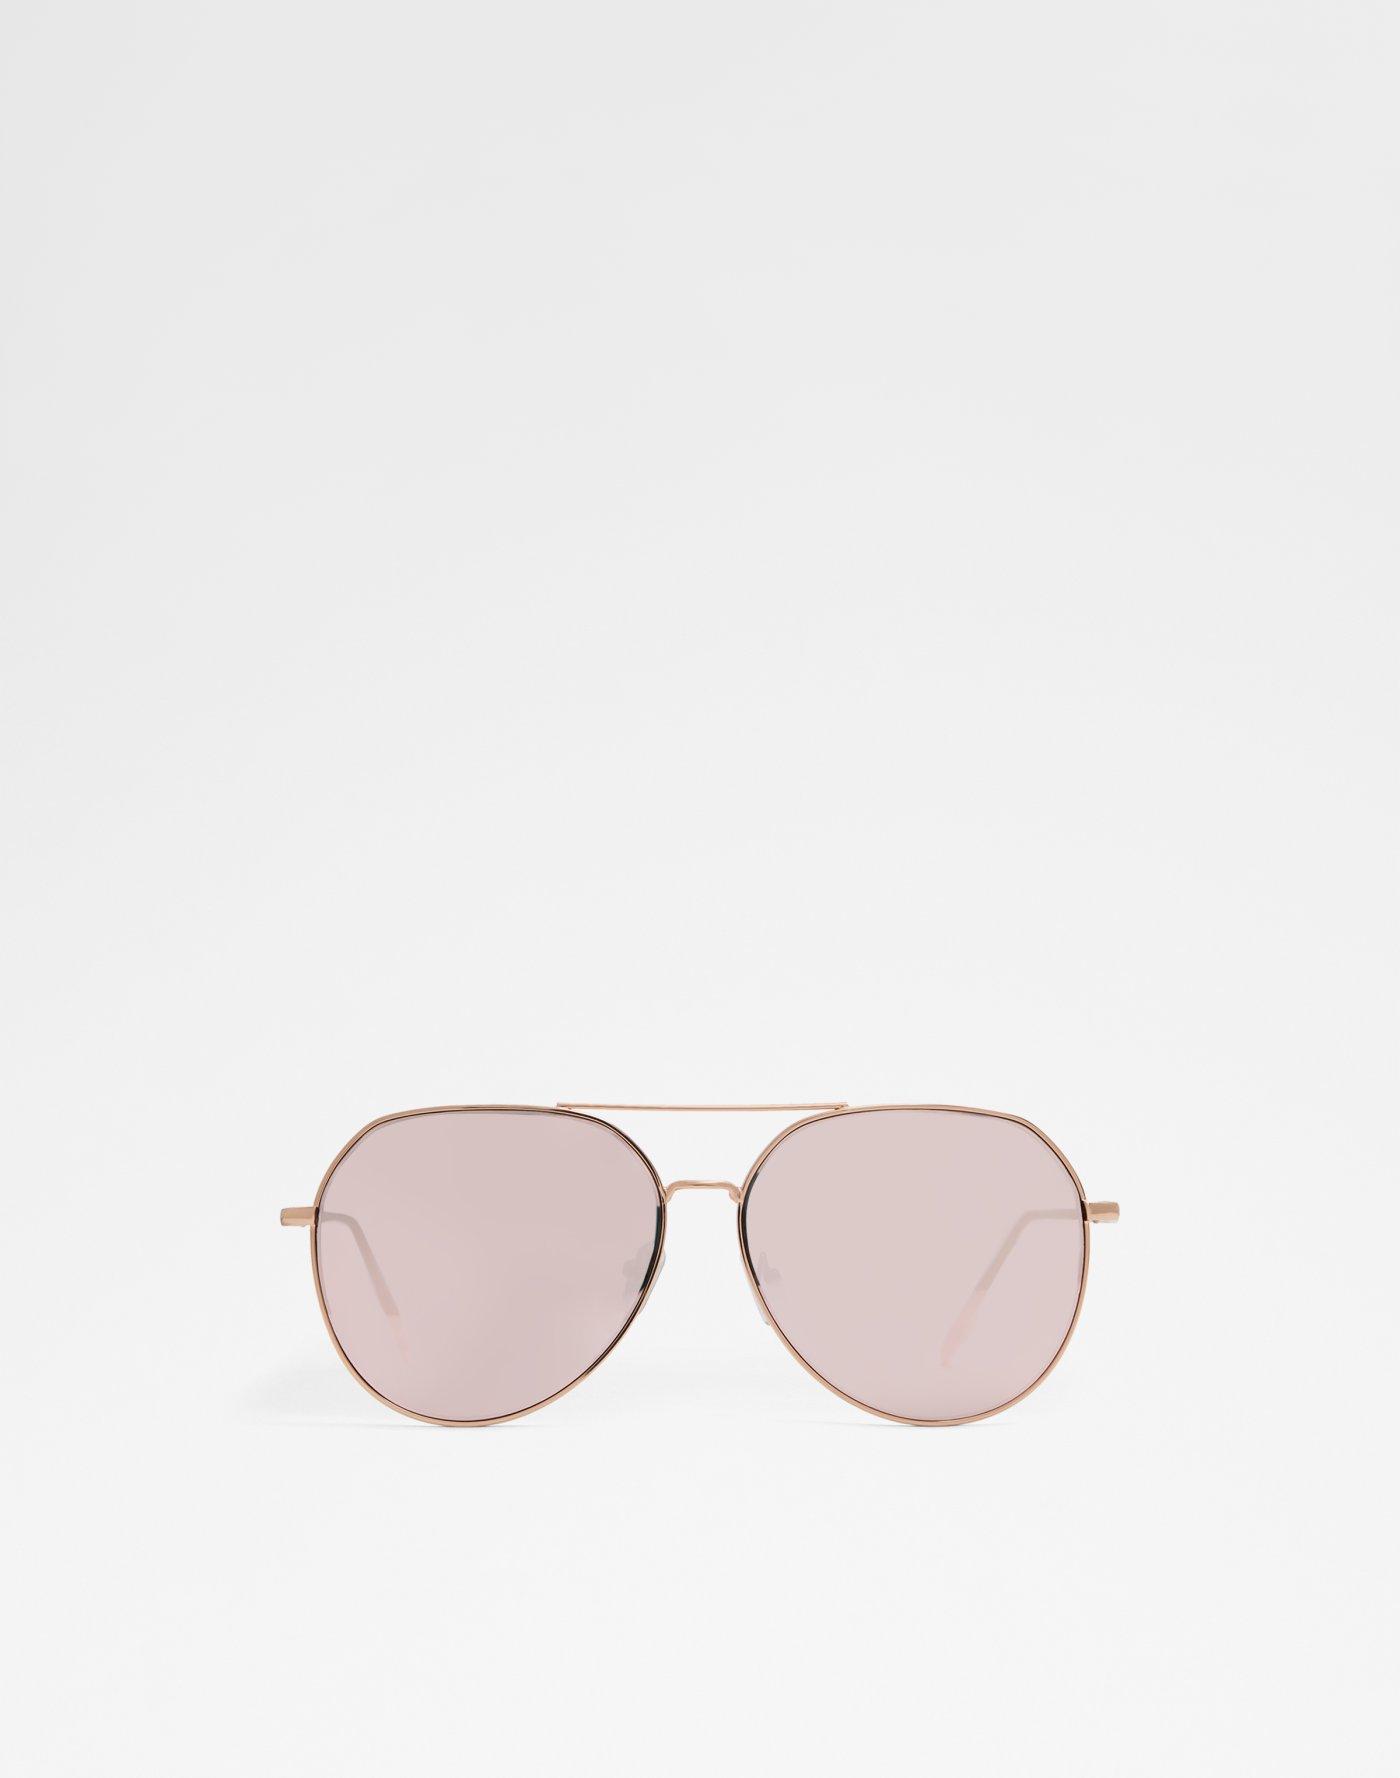 Sunglasses  5ccc33c62643